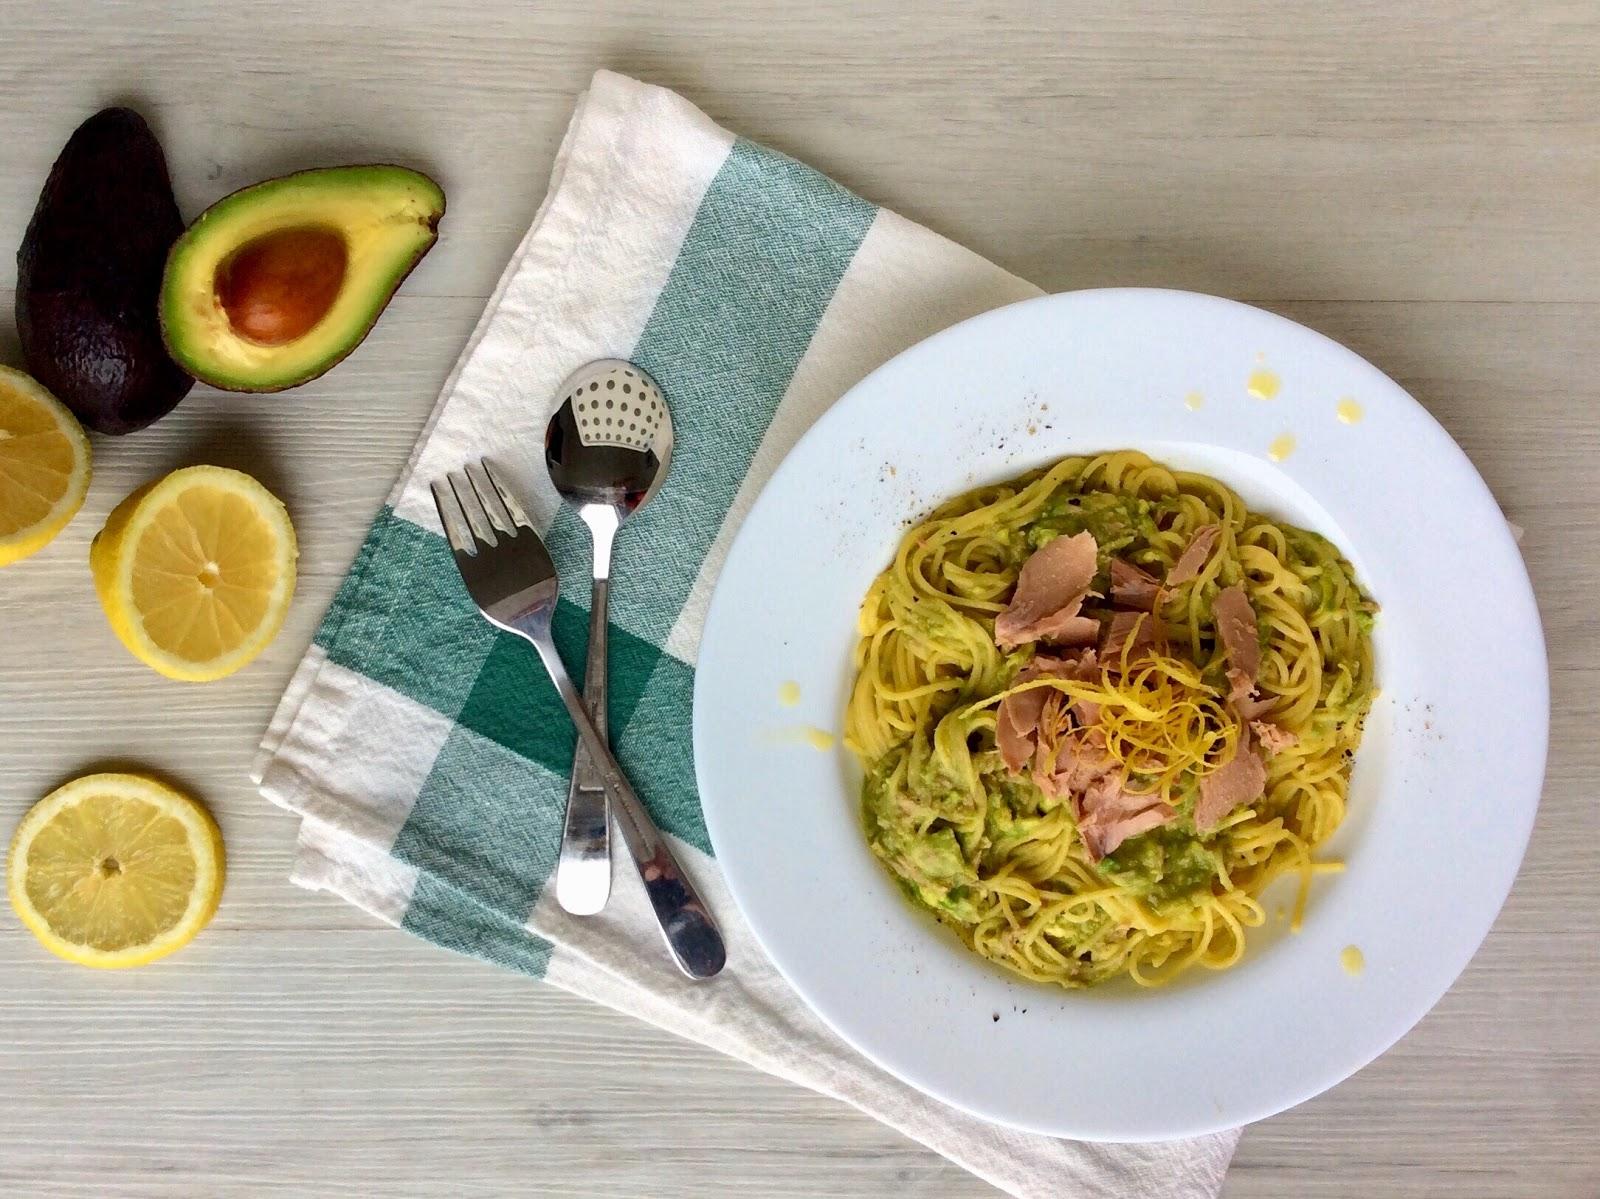 Špagety s tuňákem, avokádem a citrónem